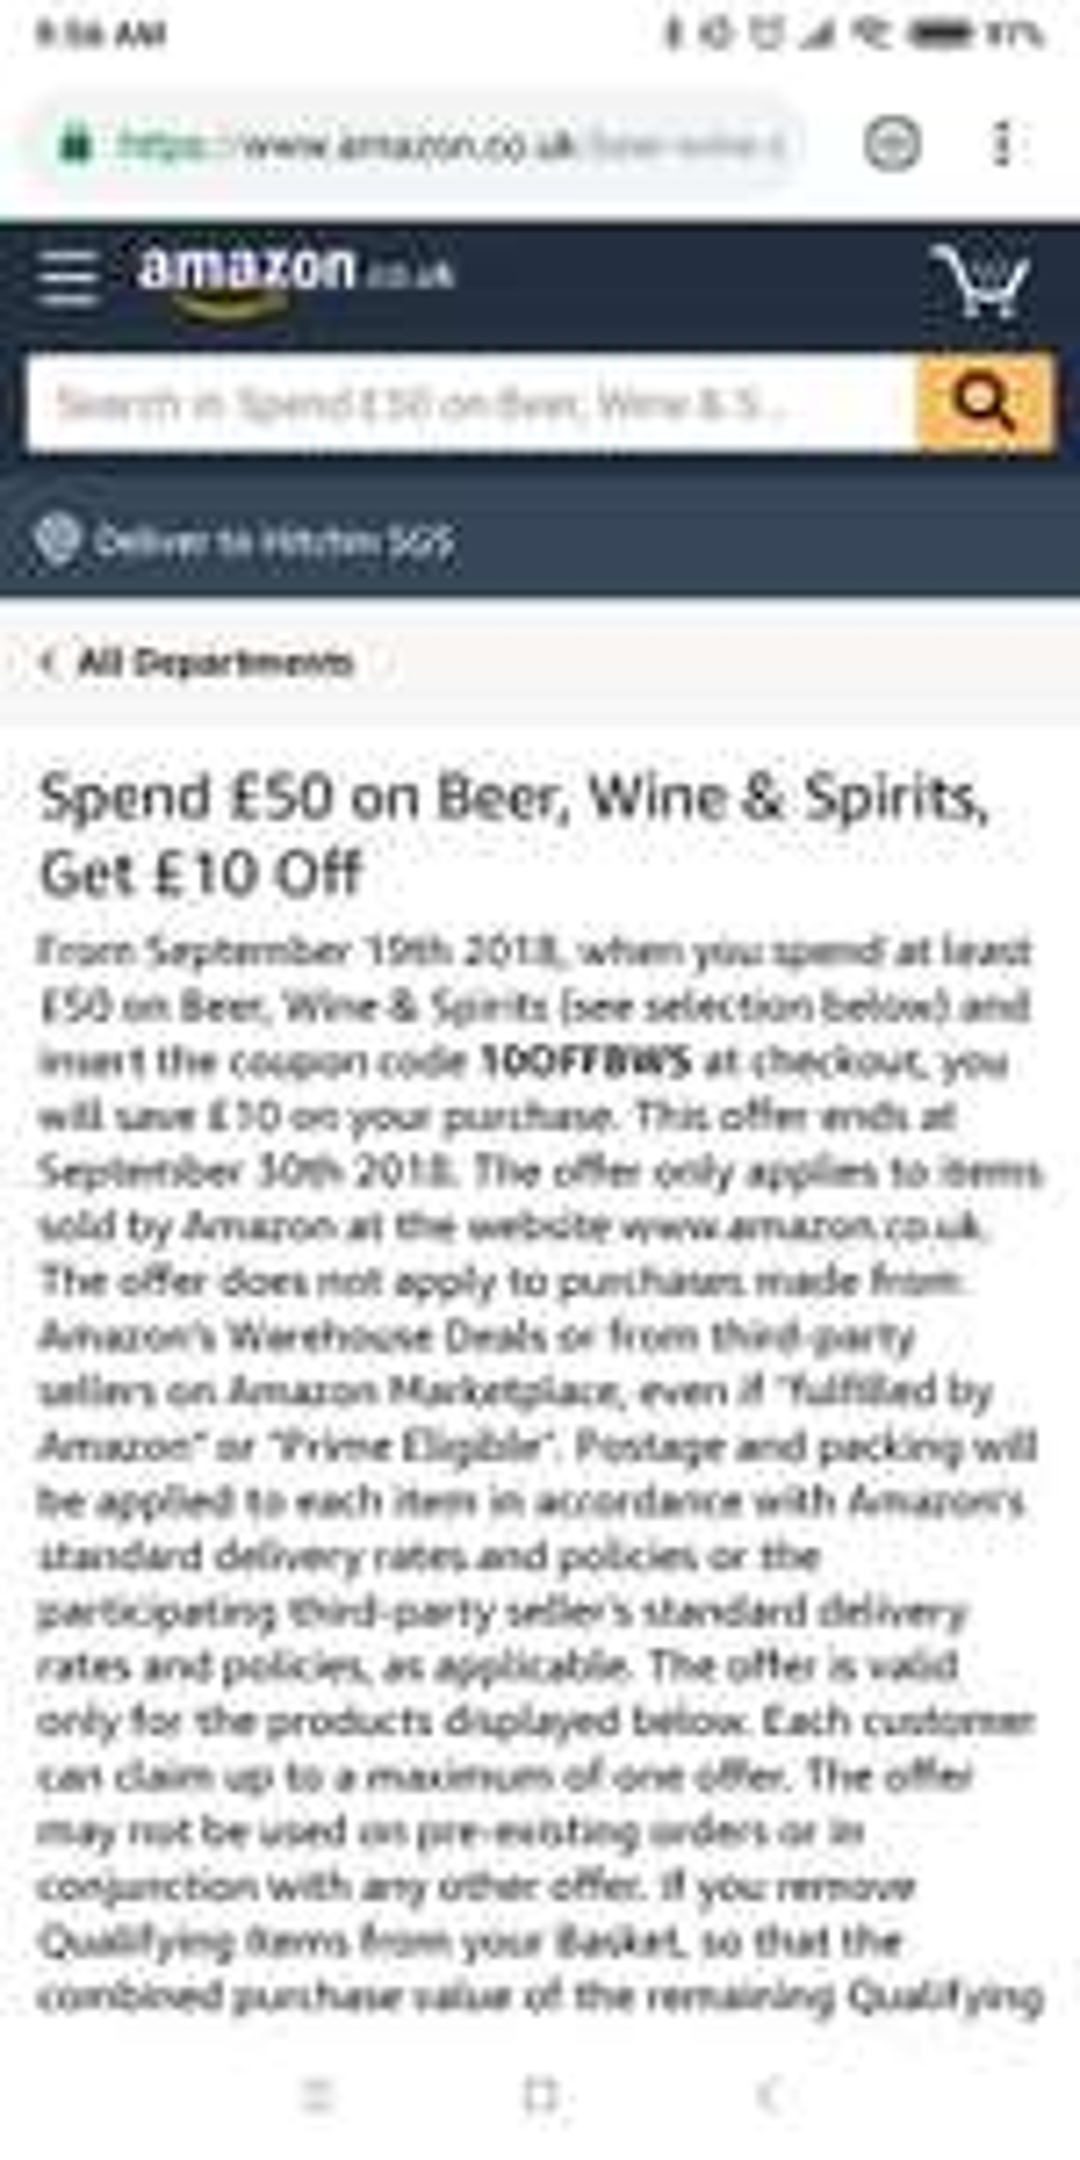 Amazon Spend £50 on Beer, Wine & Spirits, Get £10 Off